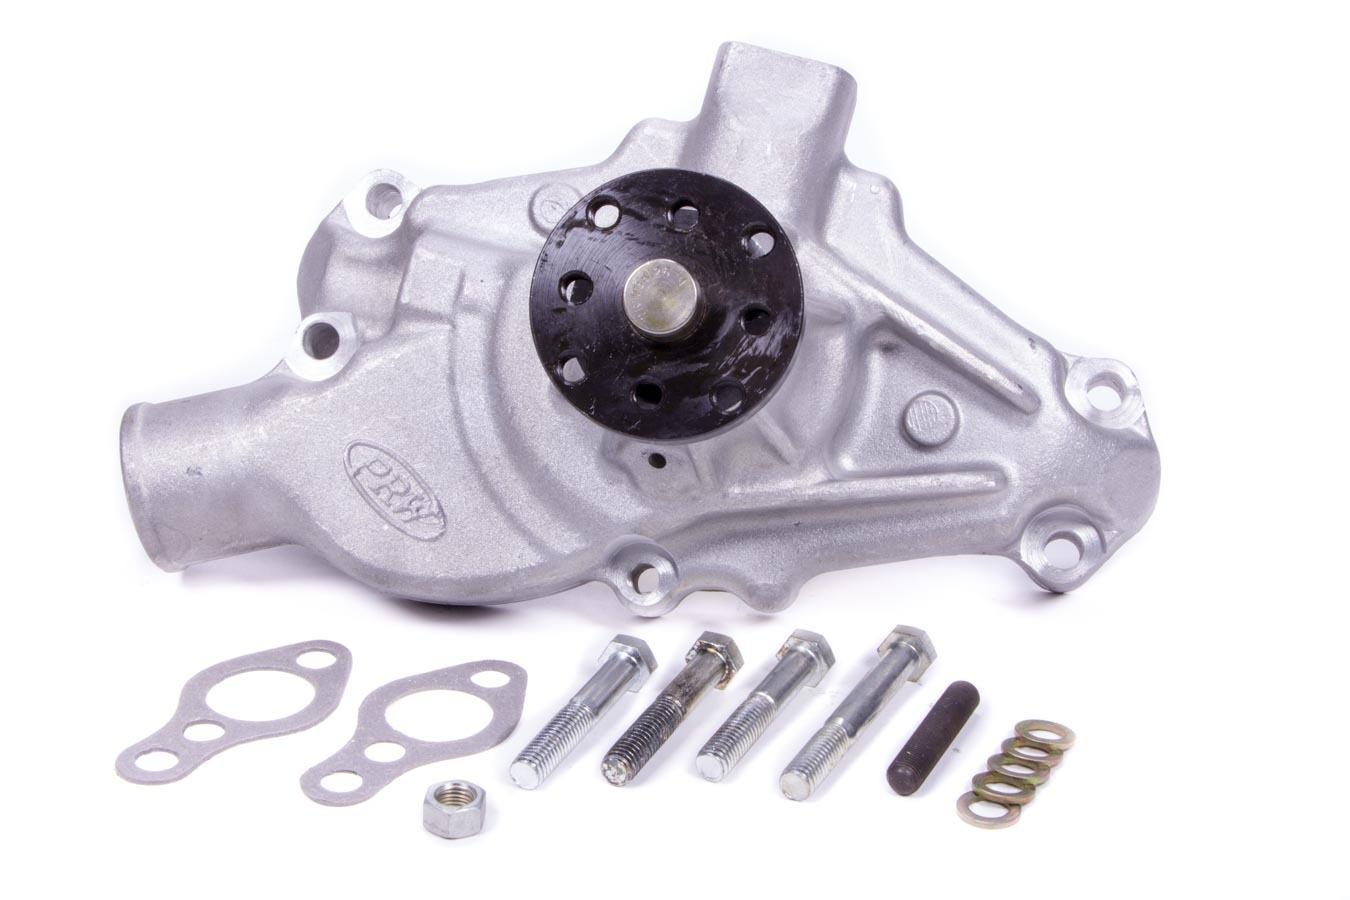 HP Aluminum Water Pump 71-82 SBC Vette